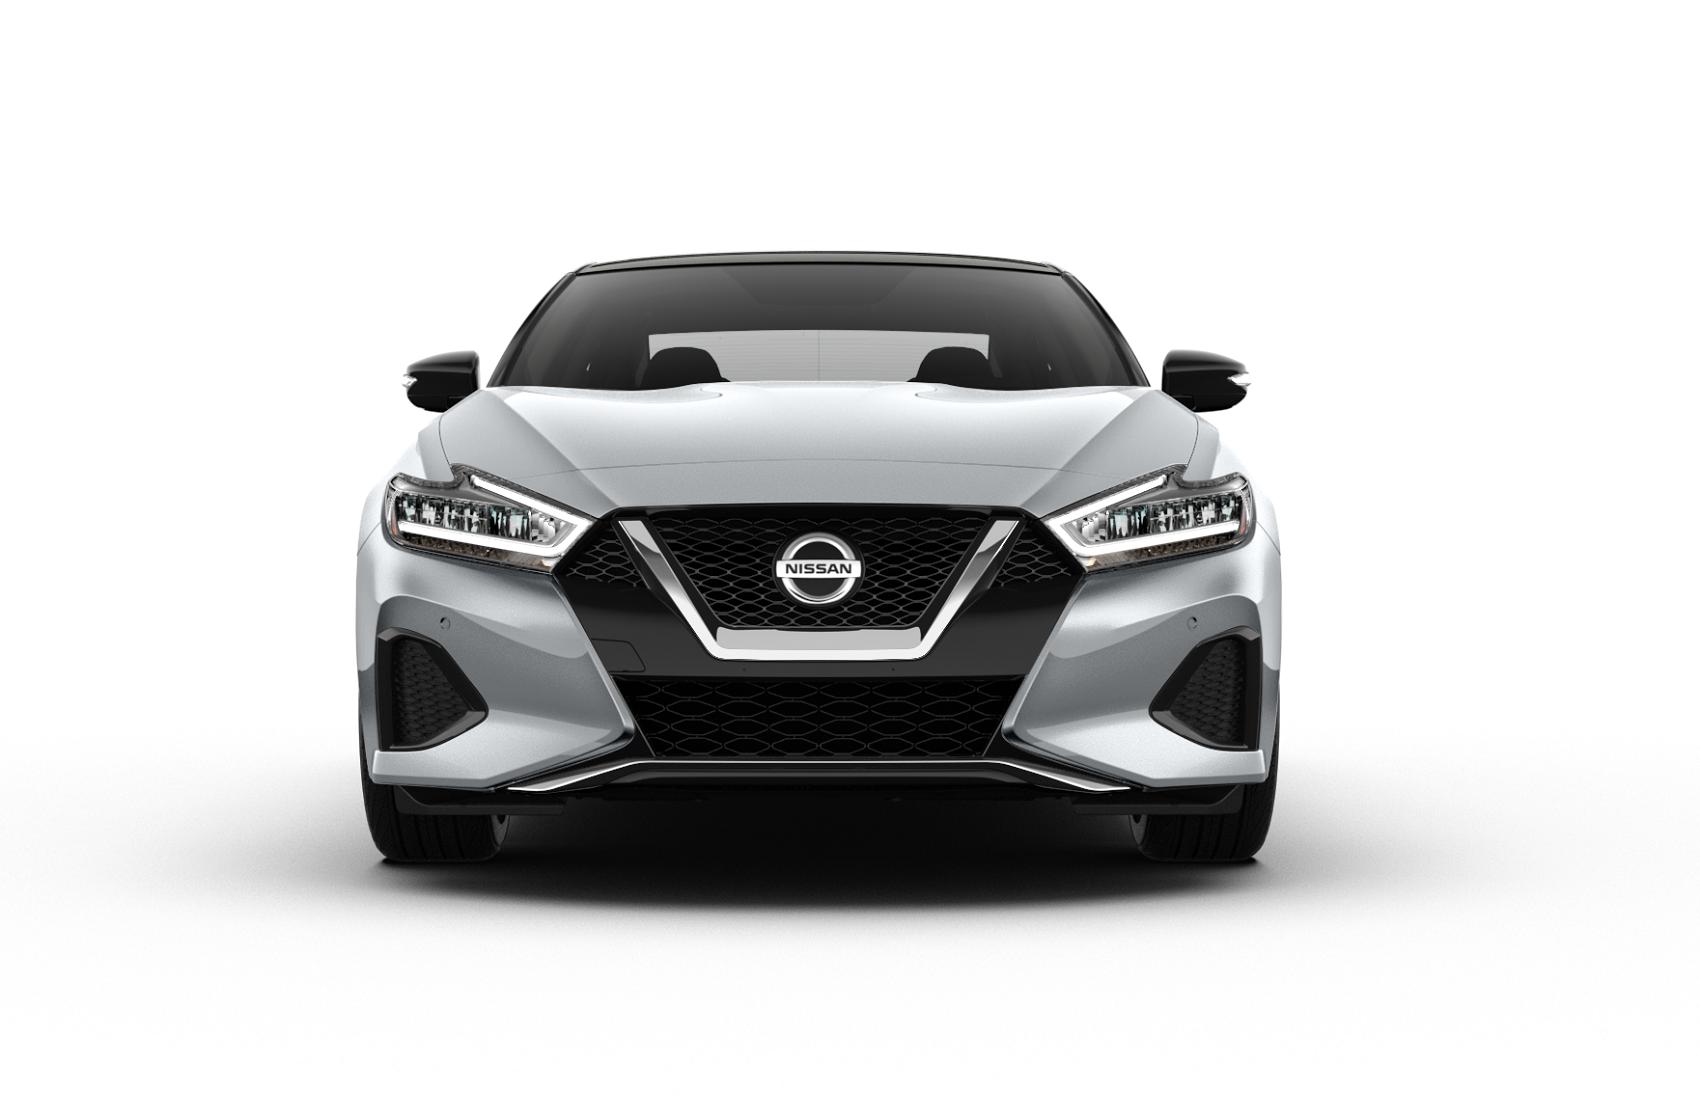 2019 Nissan Maxima Silver